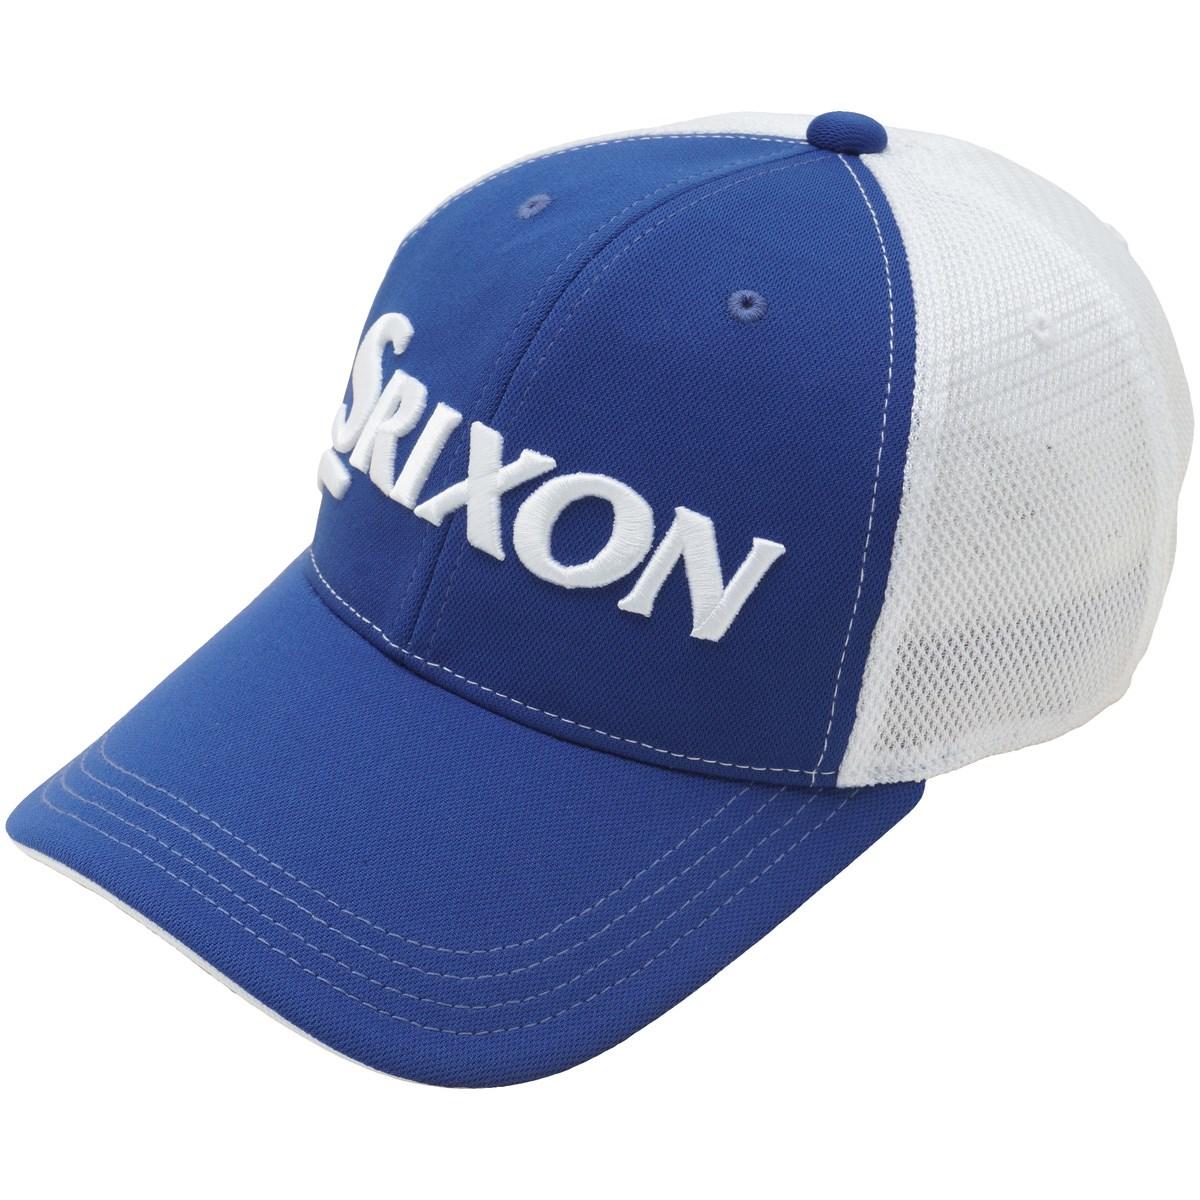 ダンロップ SRIXON メッシュキャップ フリー ブルー/ホワイト